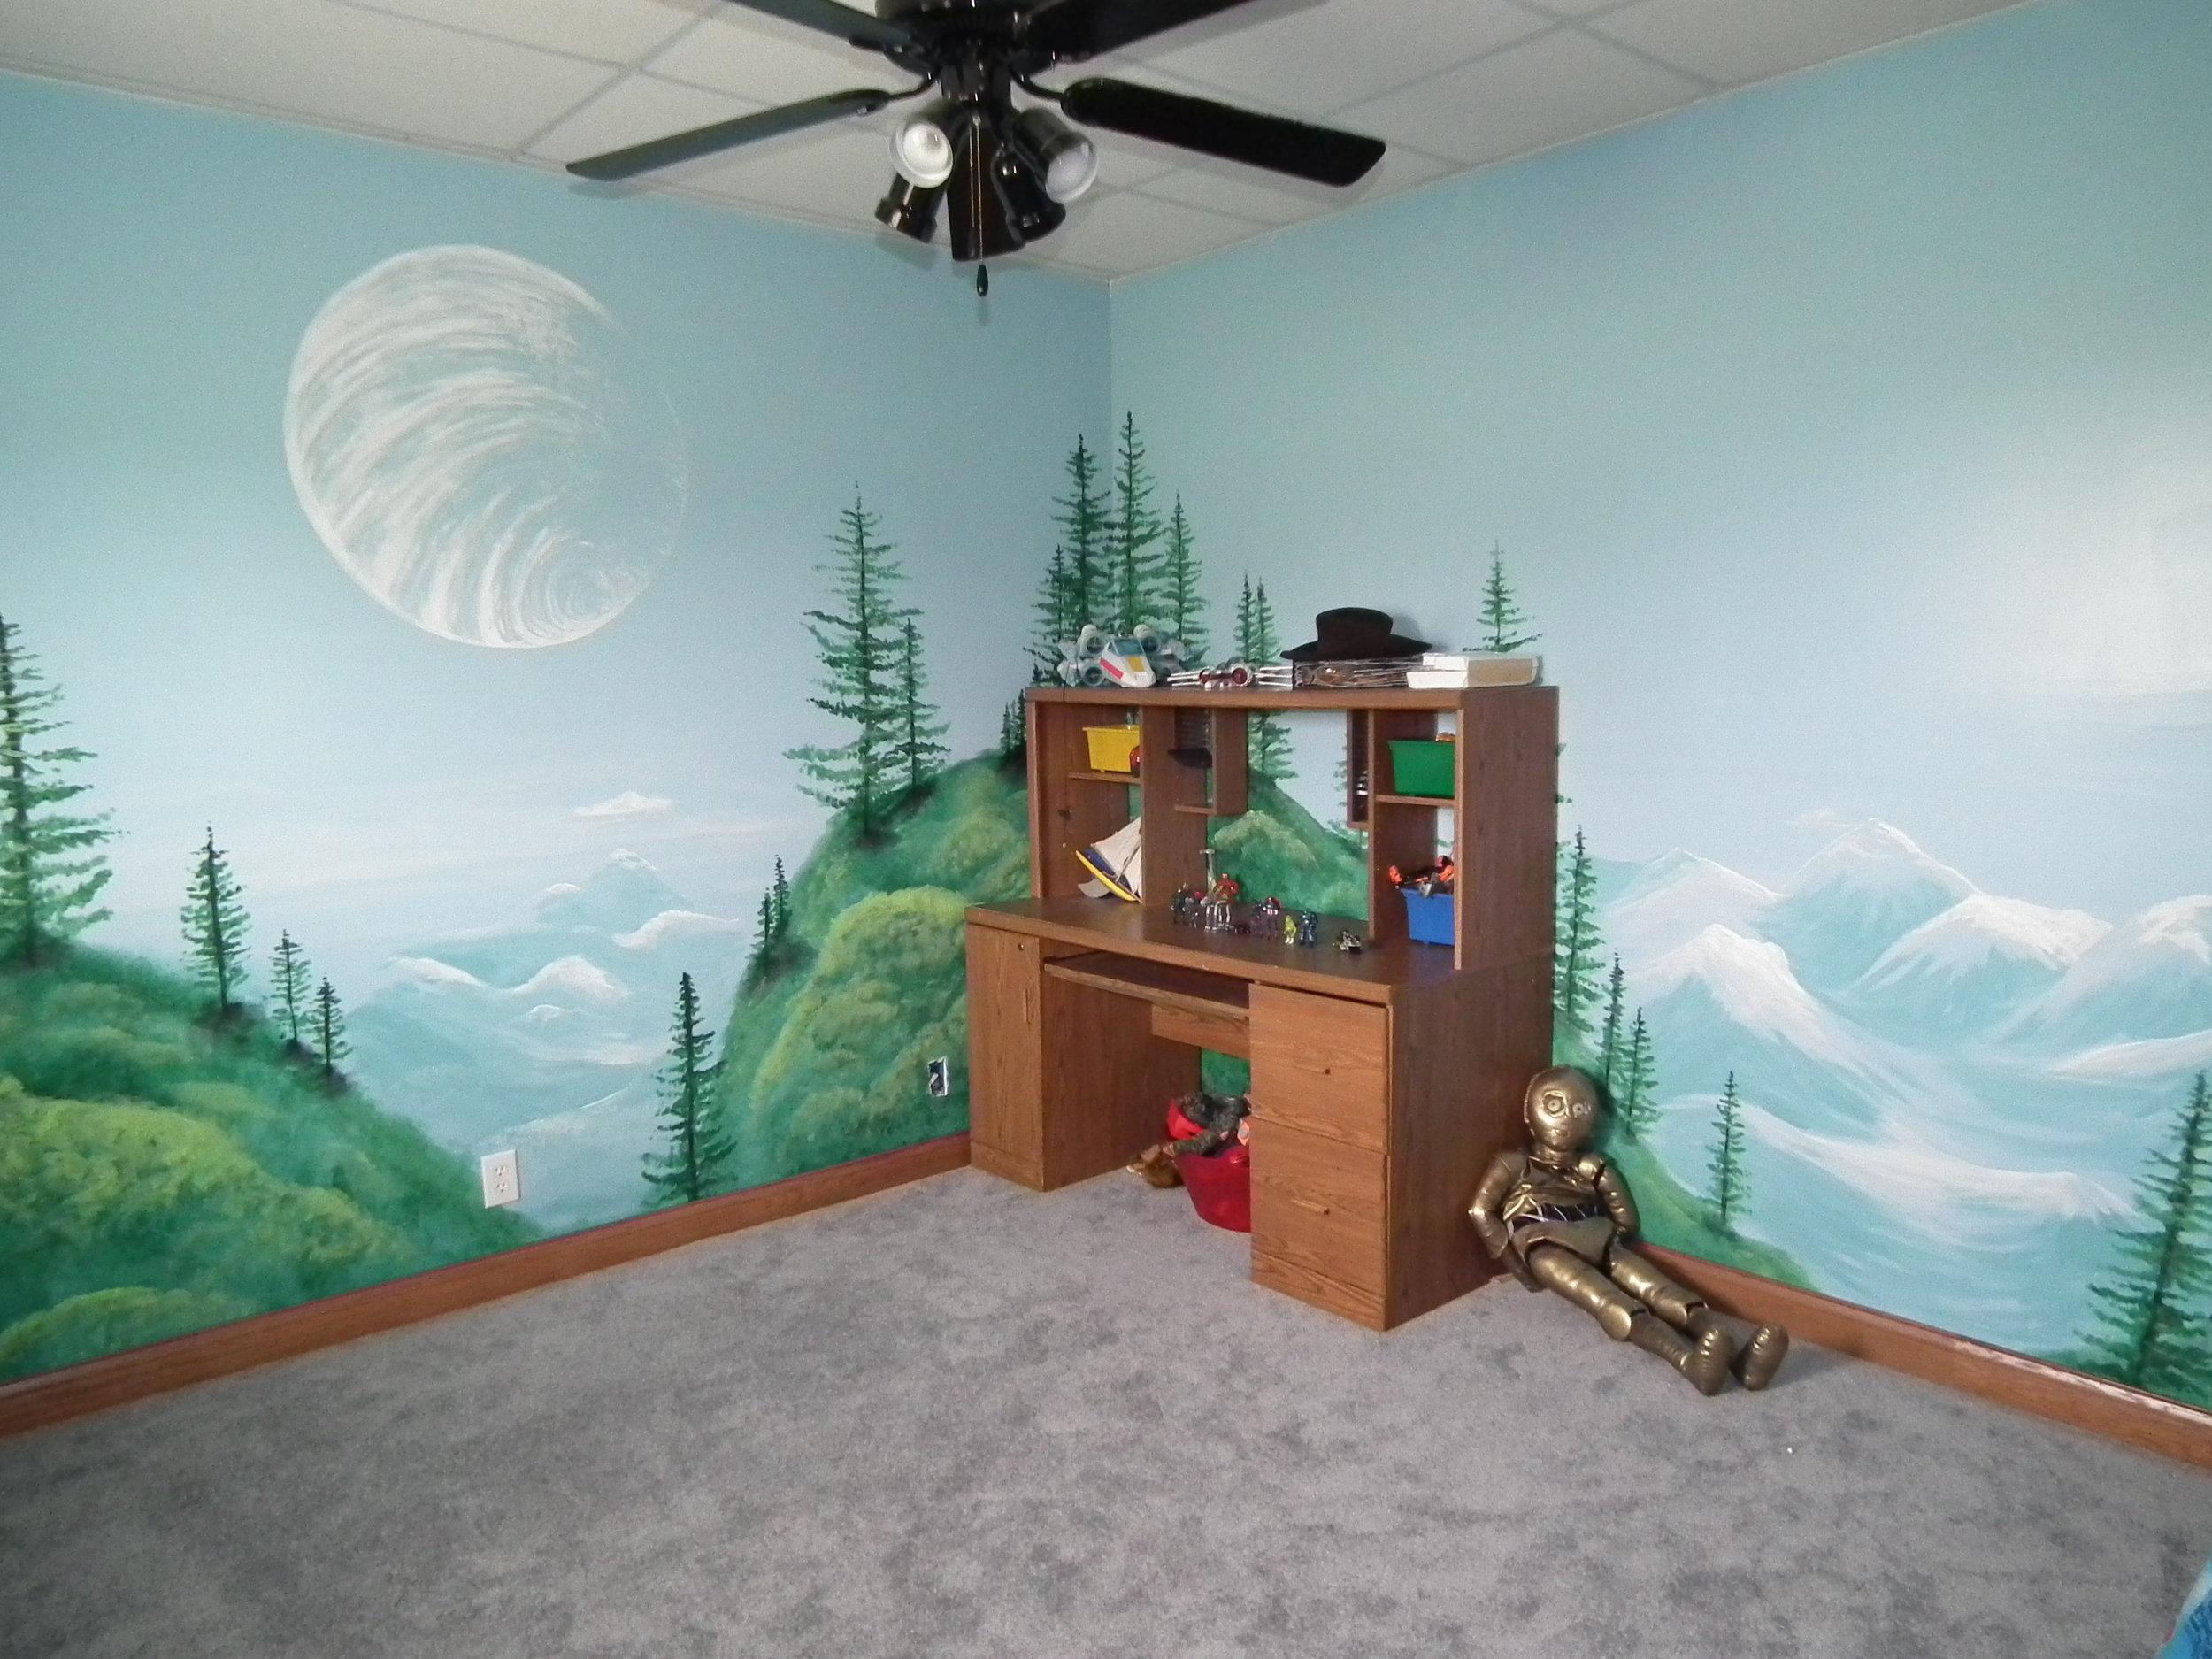 star wars mural endor.JPG